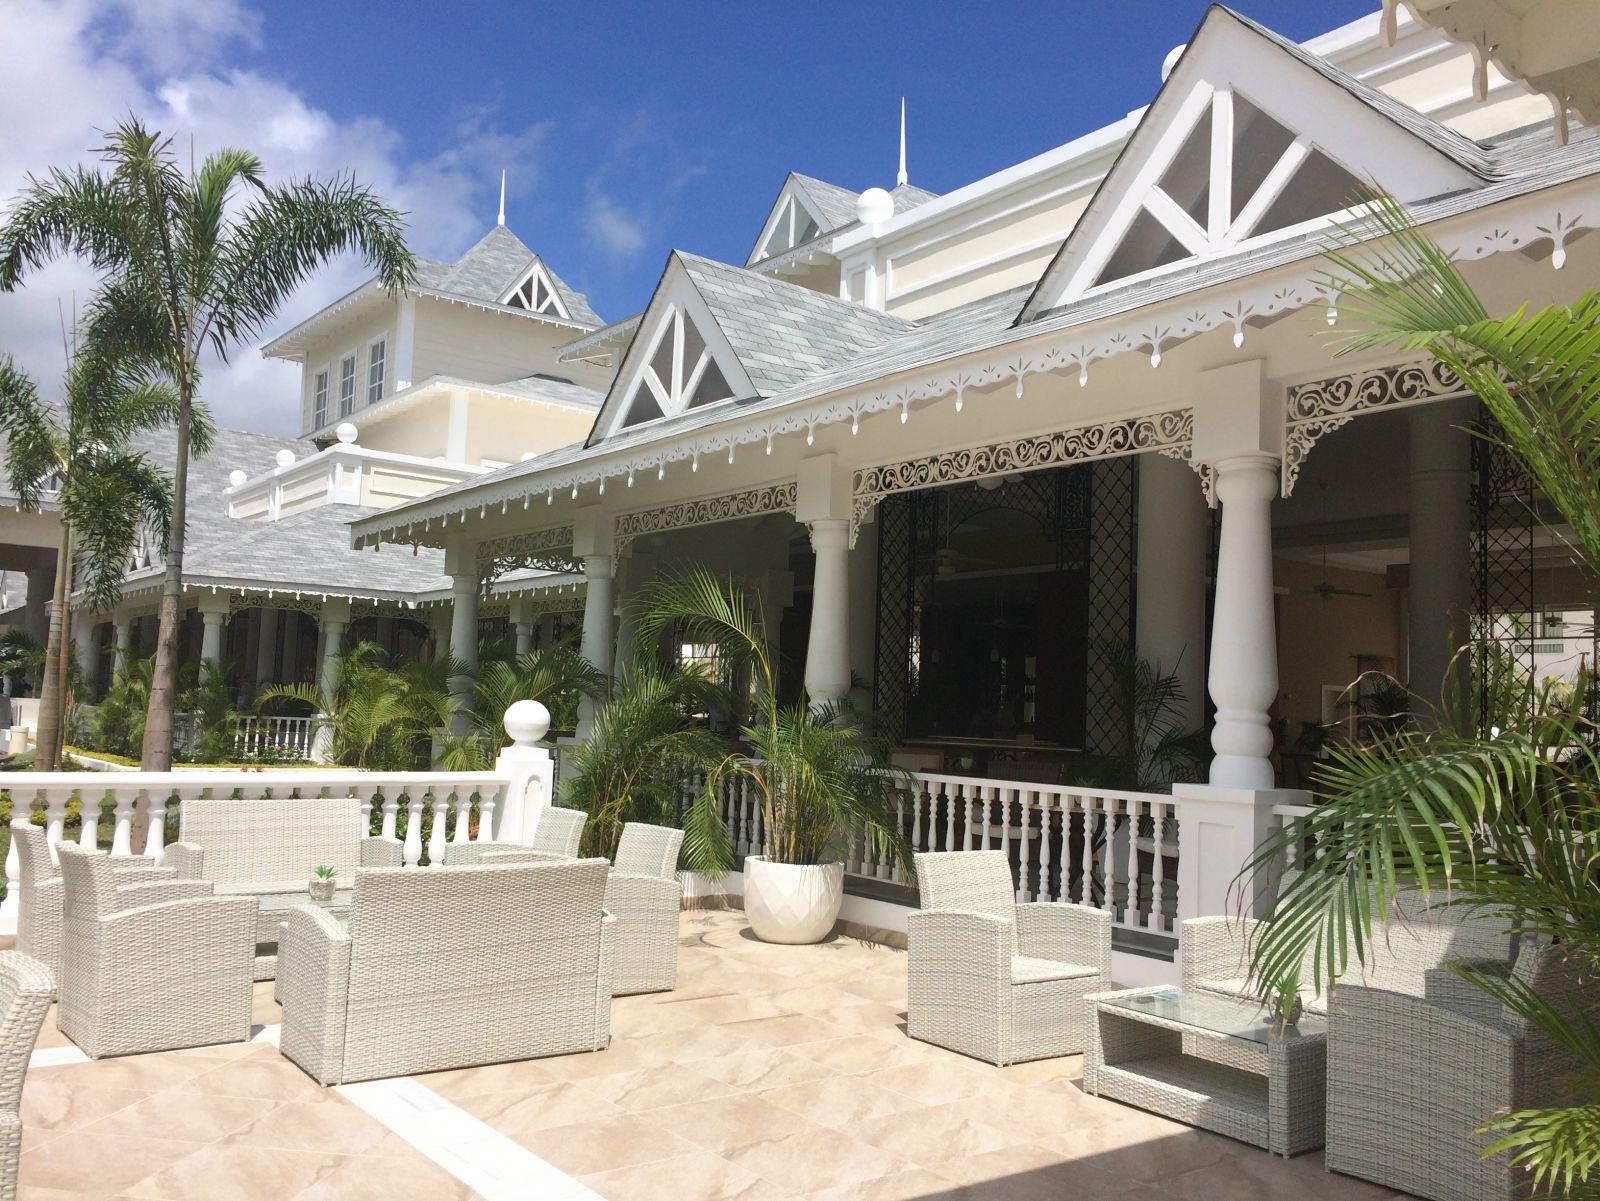 Grand Bahia Principe 2016